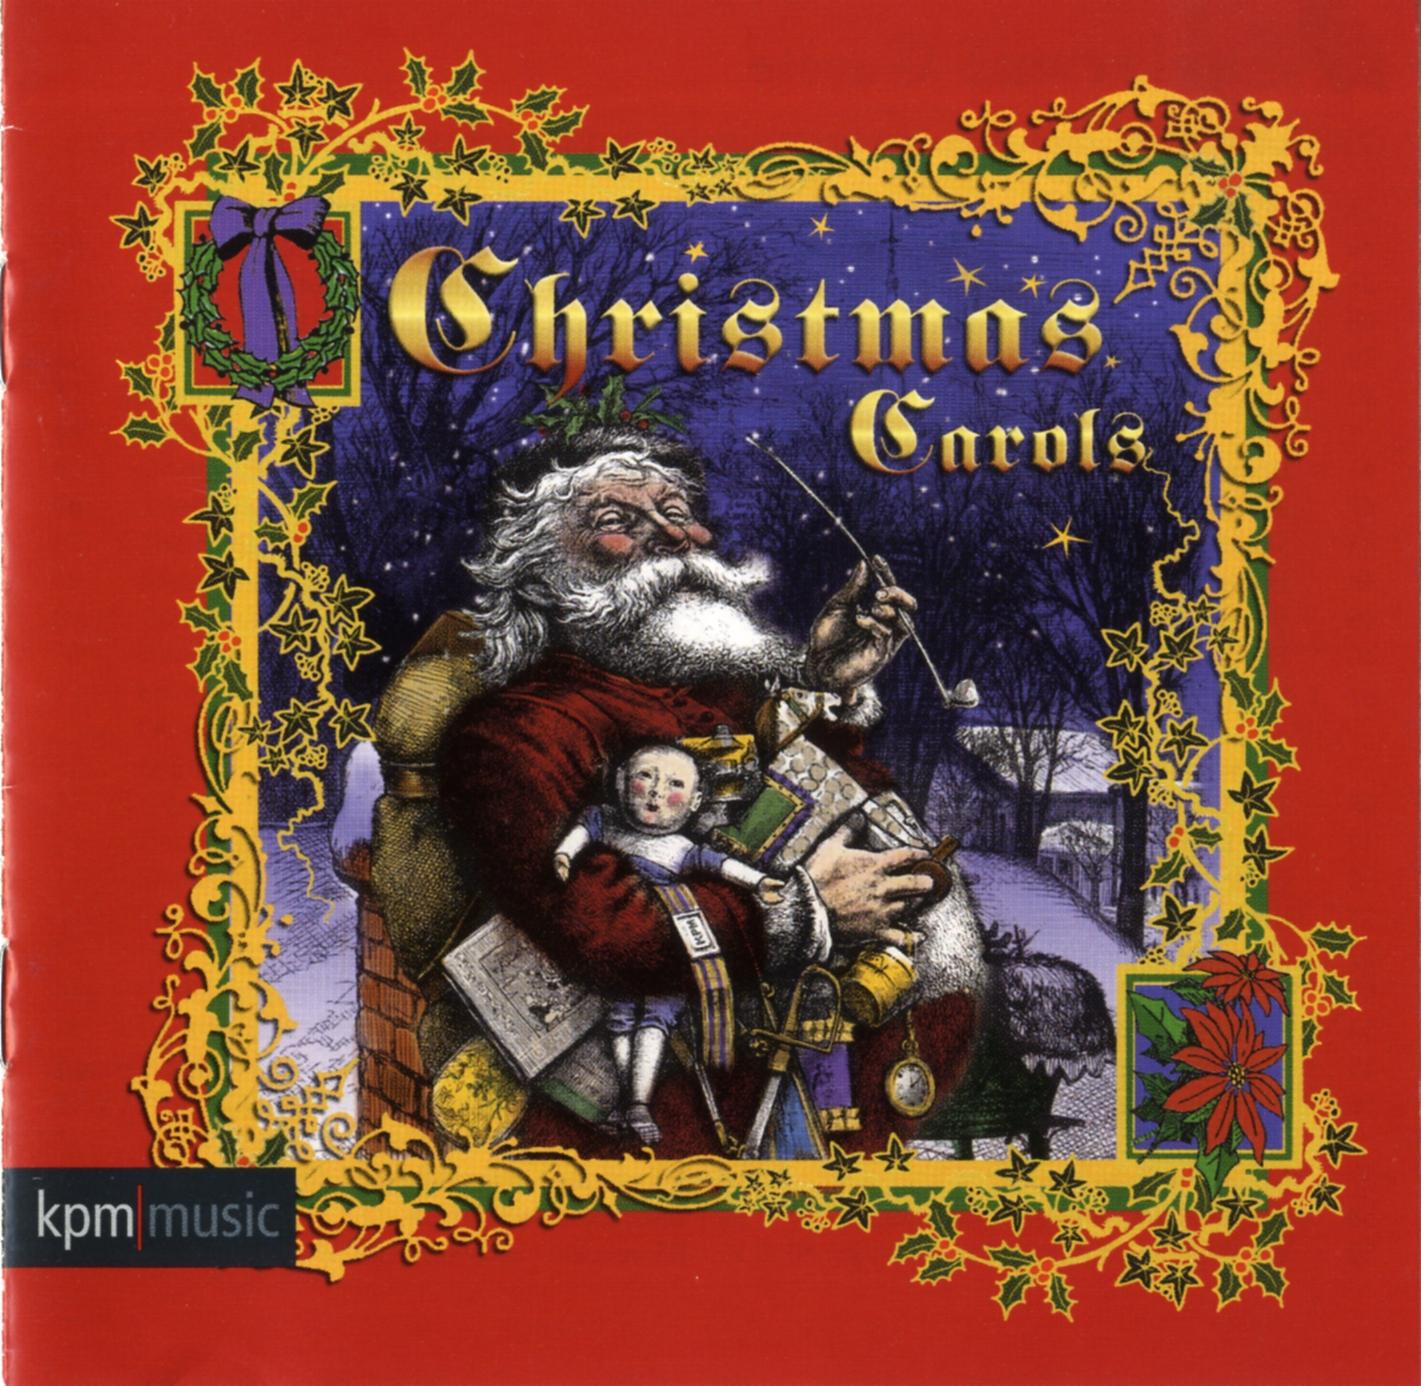 album cover for christmas carols.